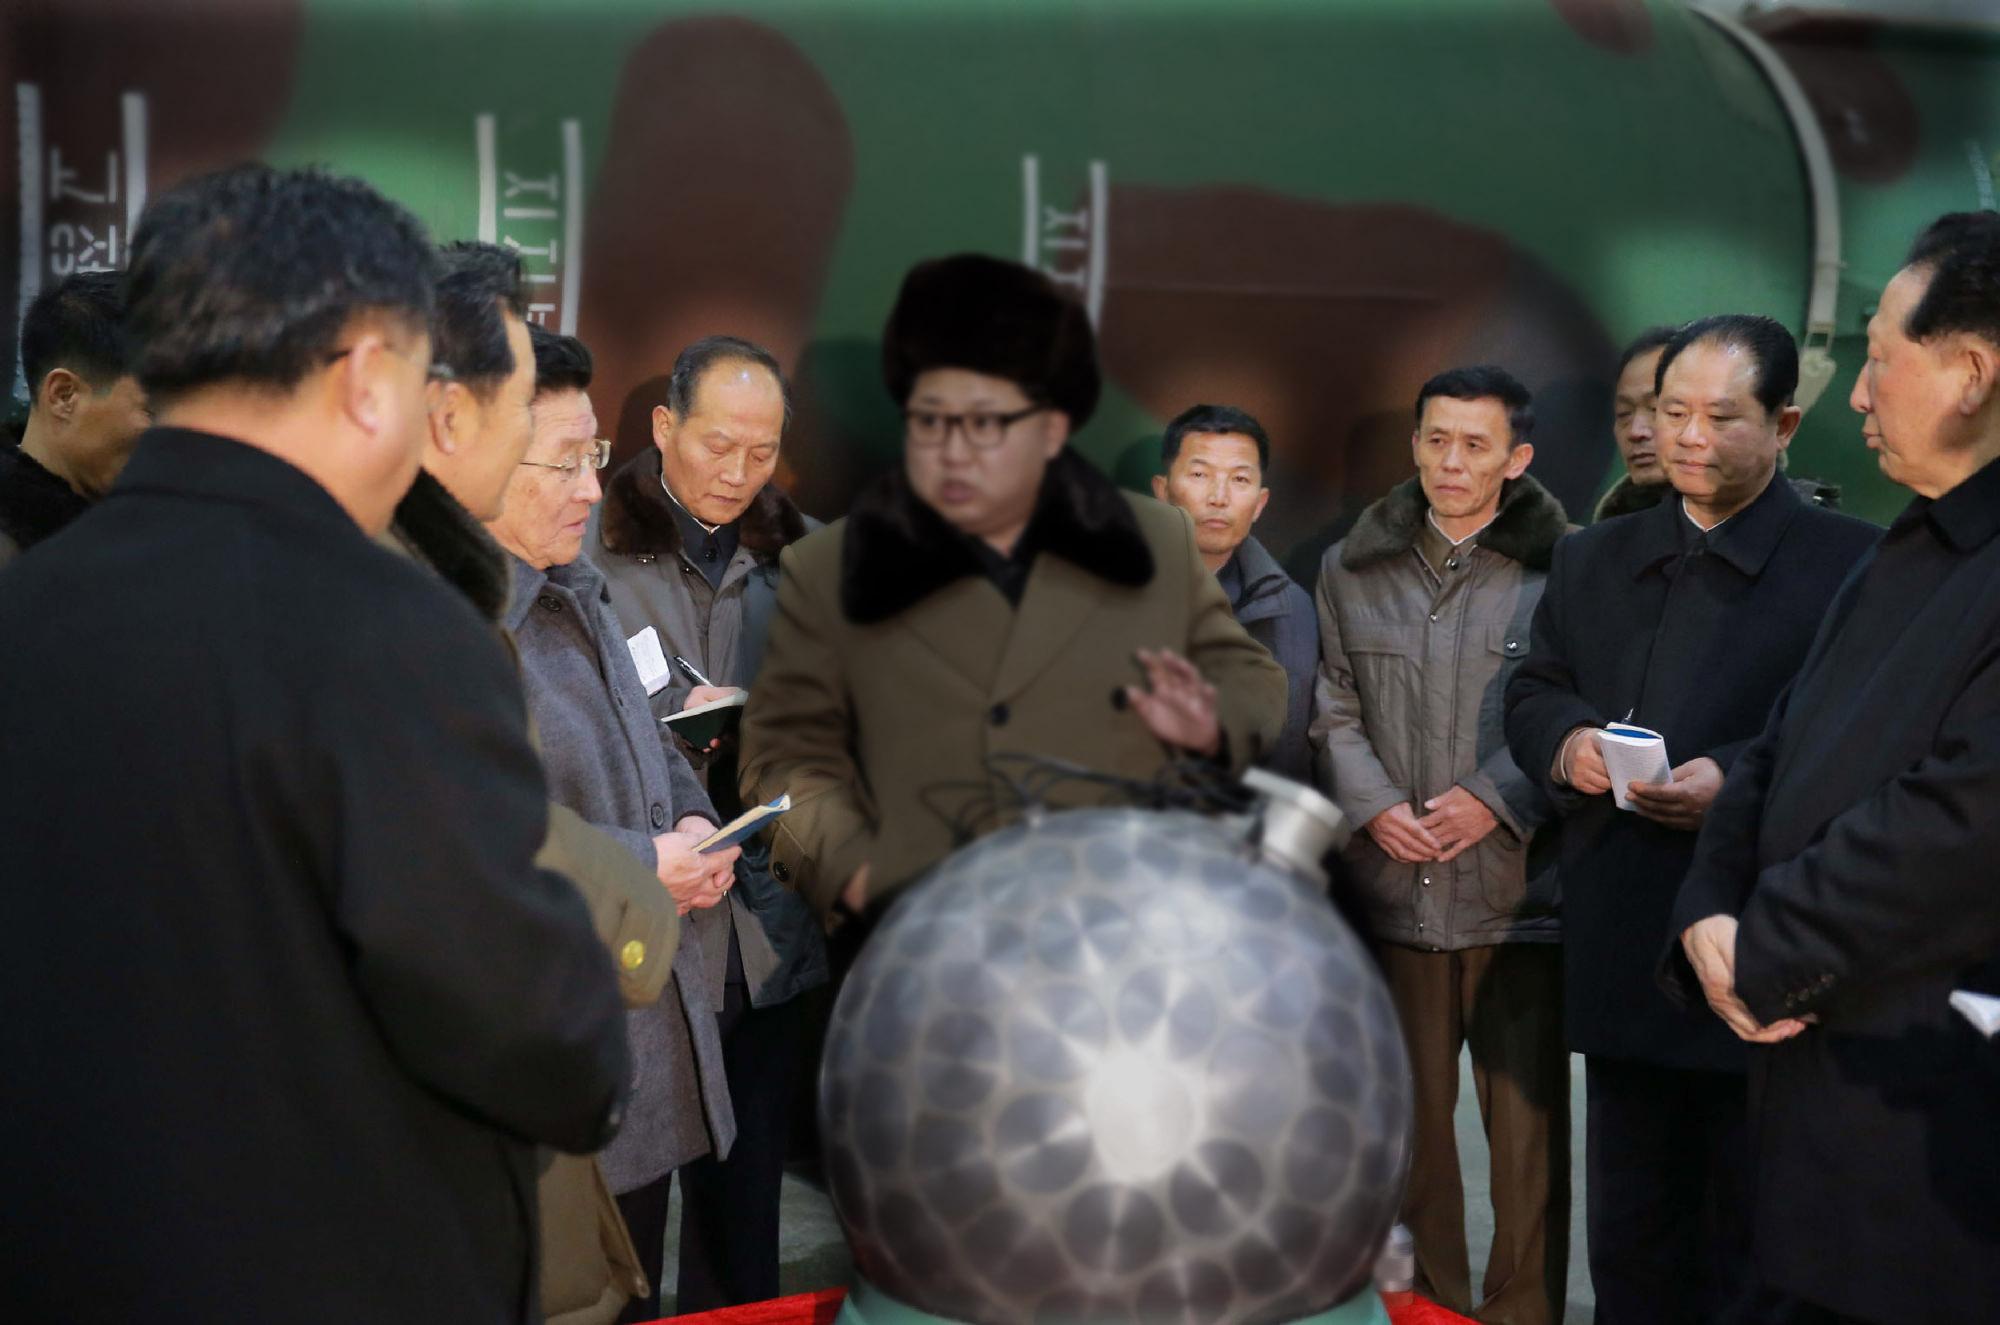 Észak-Korea bejelentette, hogy interkontinentális rakétát tesztelt